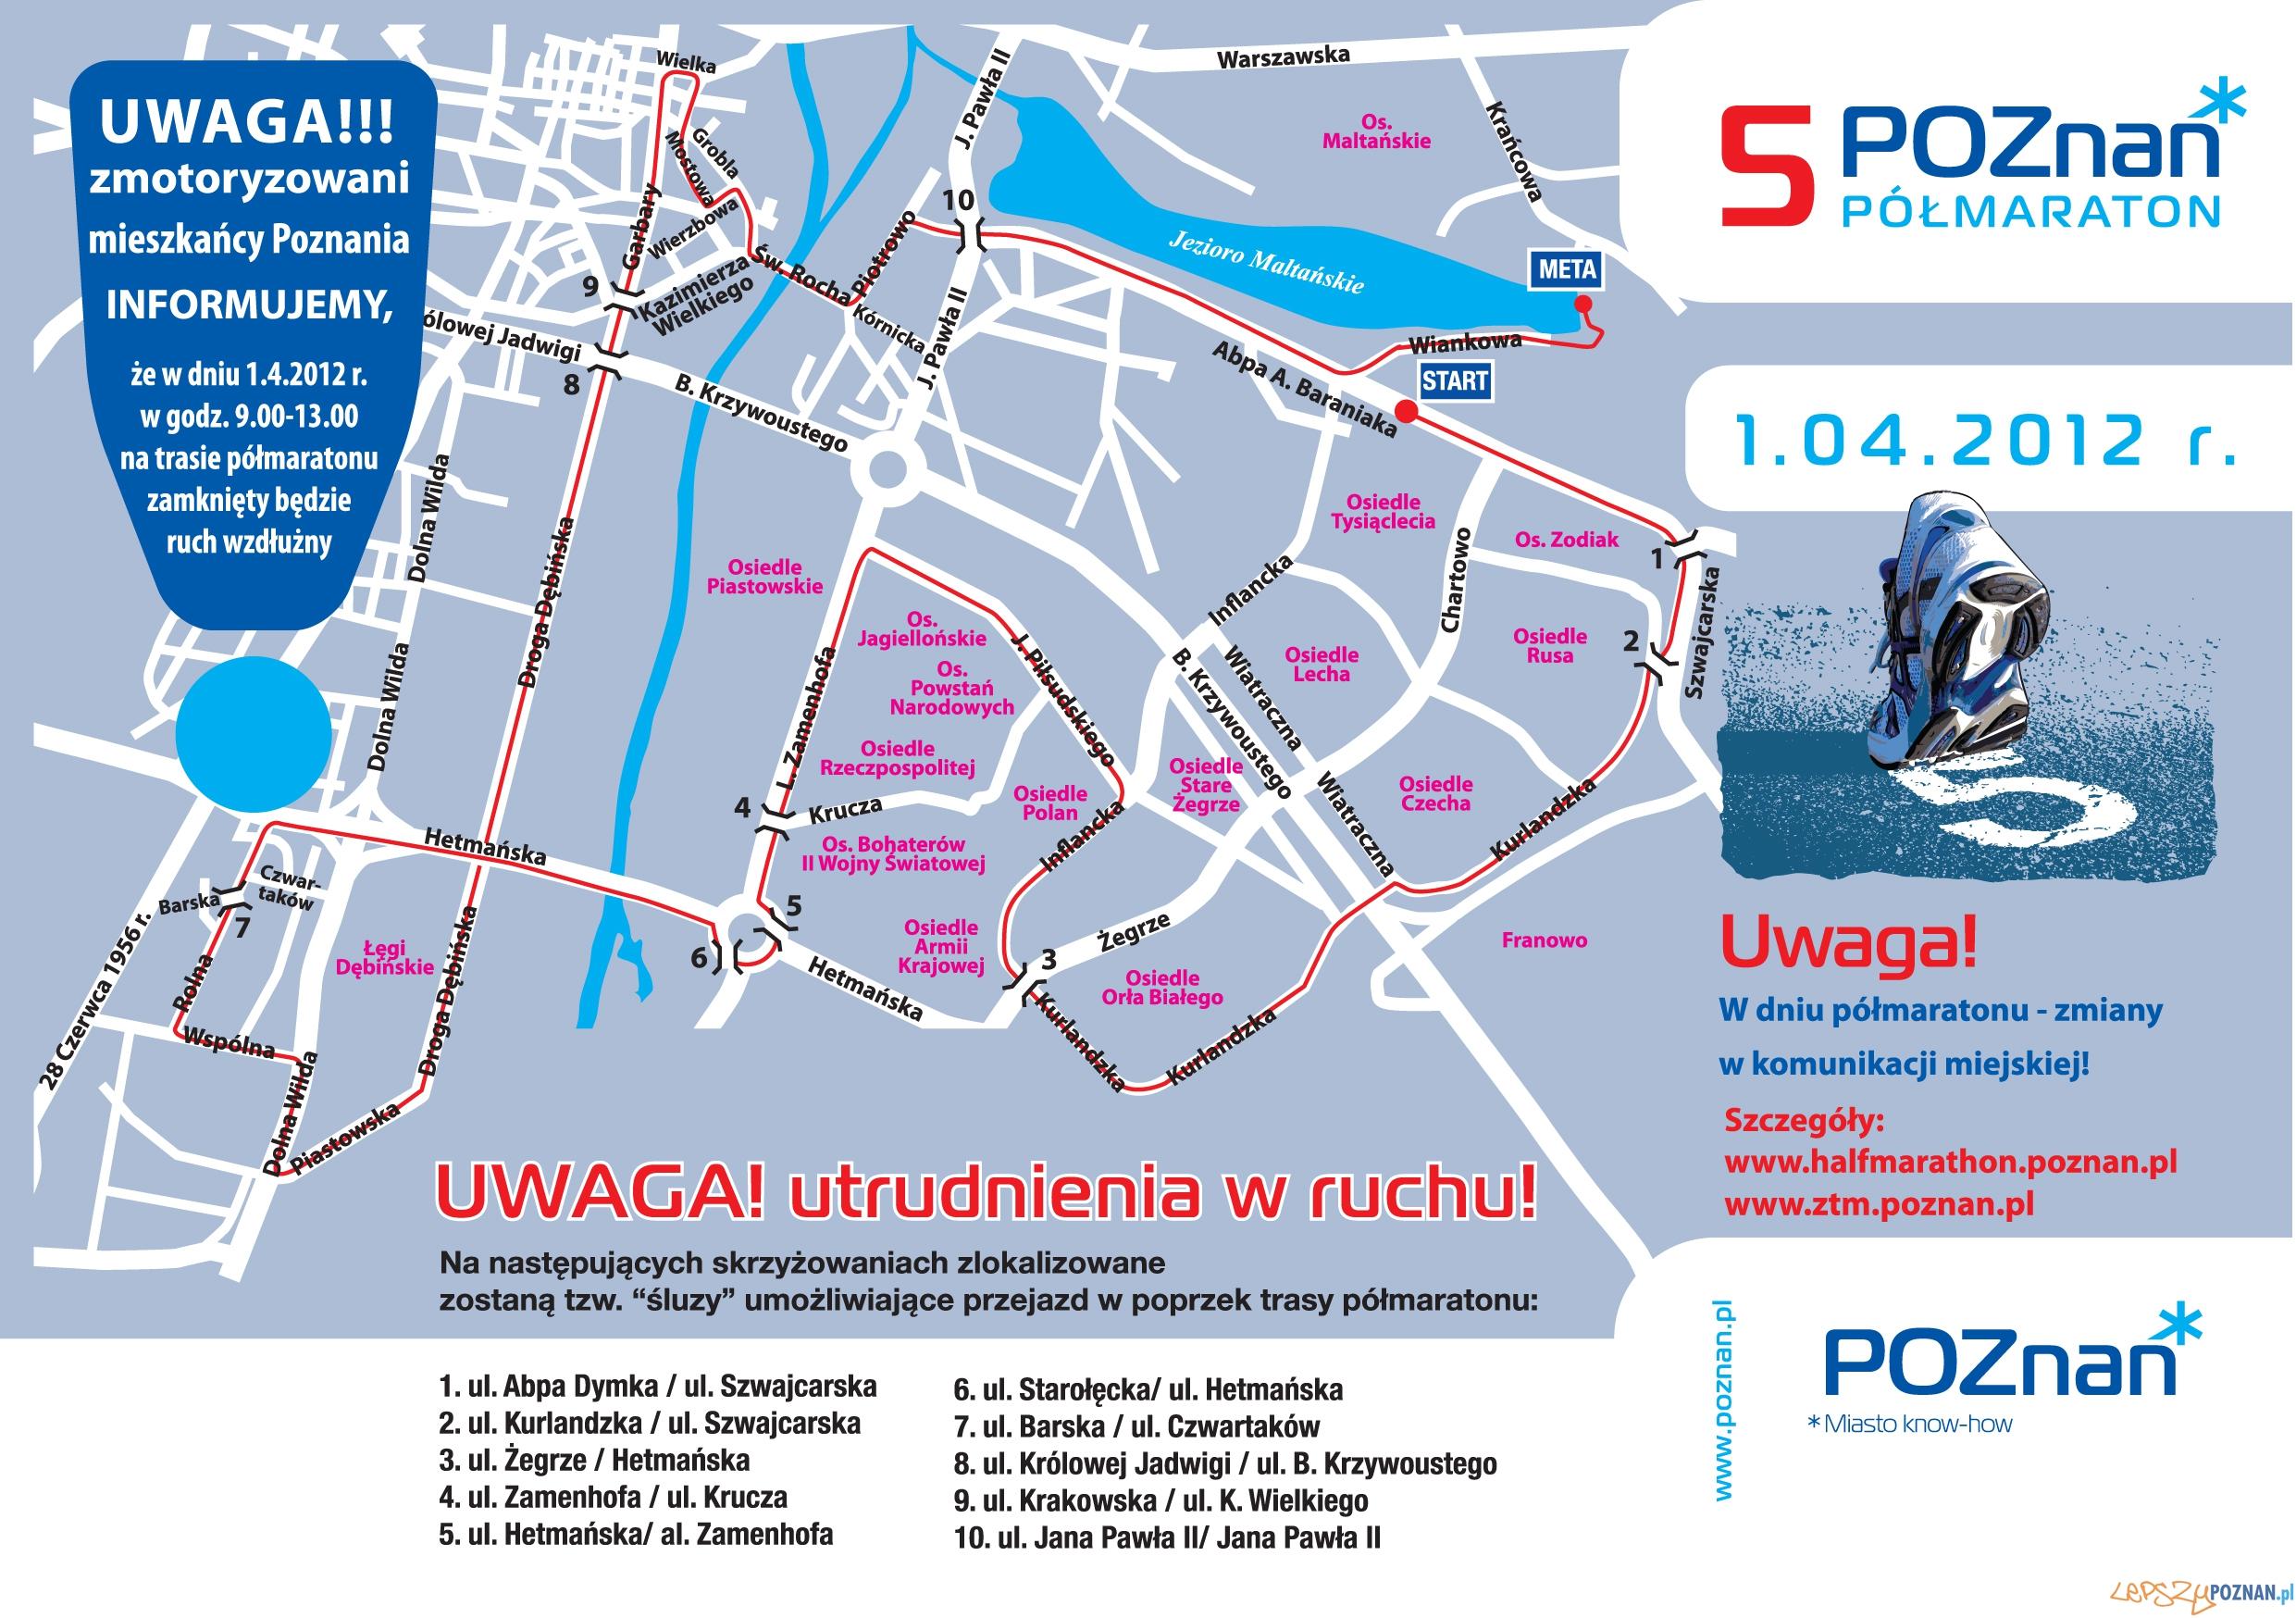 Lokalizacja śluz podcza 5 Poznań Półmaratonu  Foto: POSIR